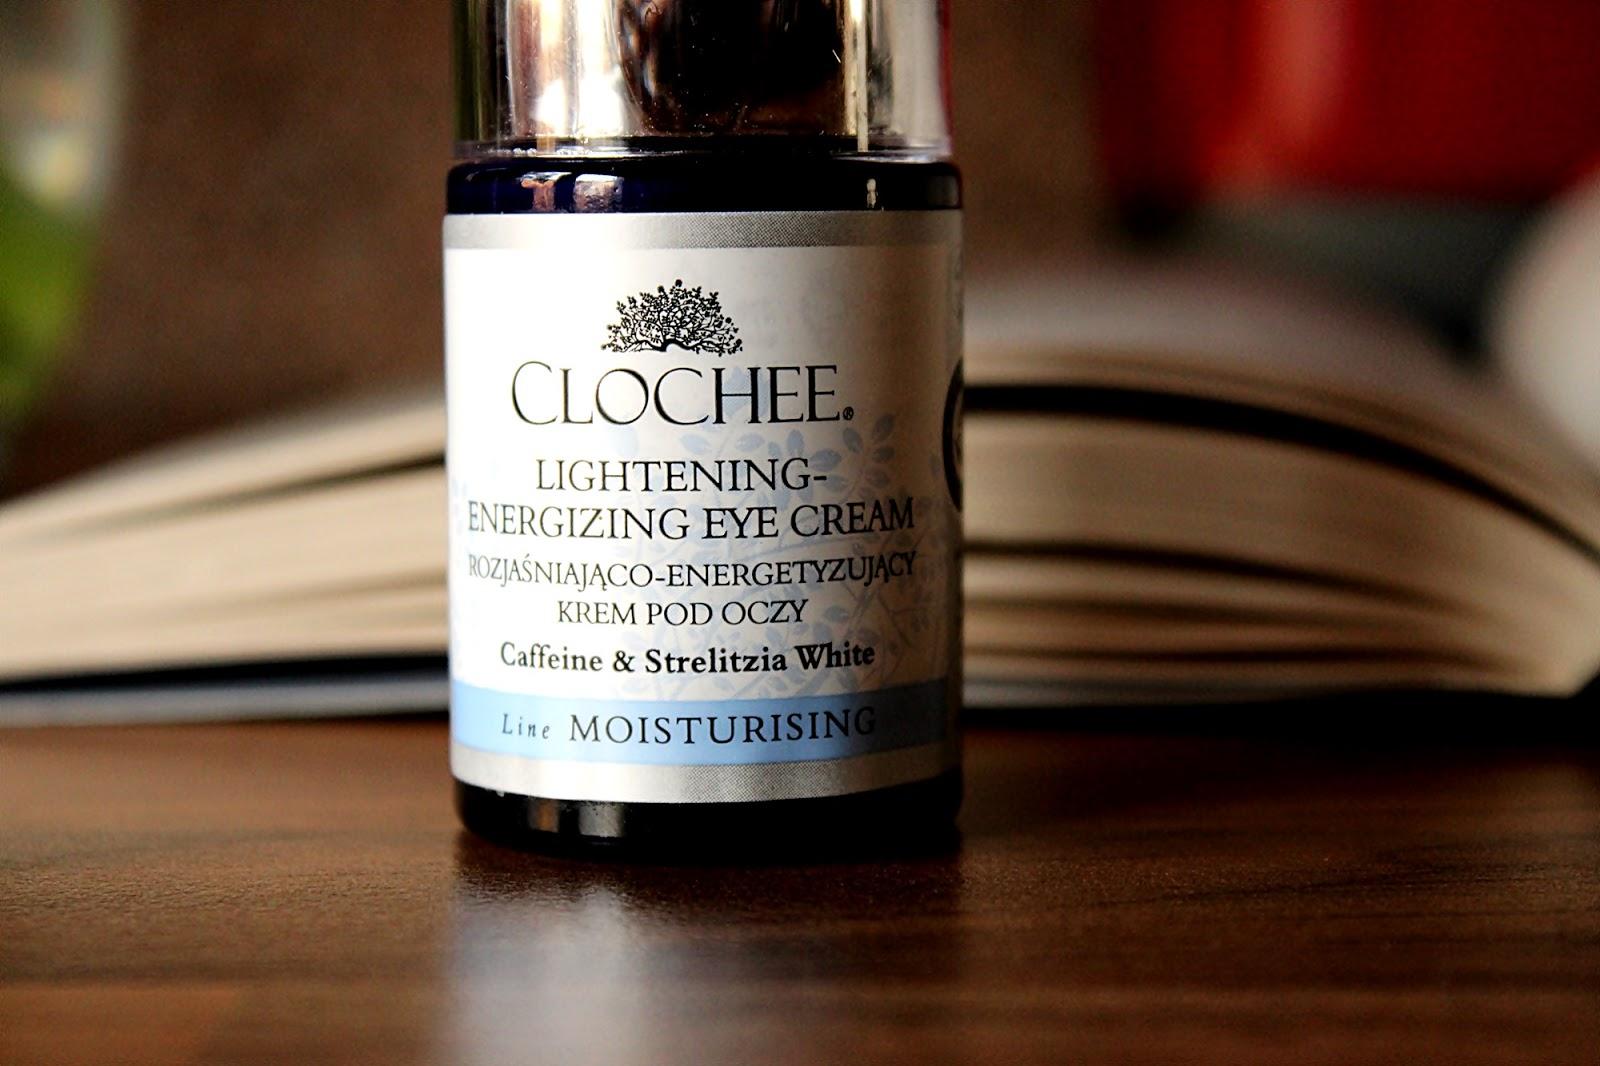 Clochee, rozjaśniająco energetyzujący krem pod oczy